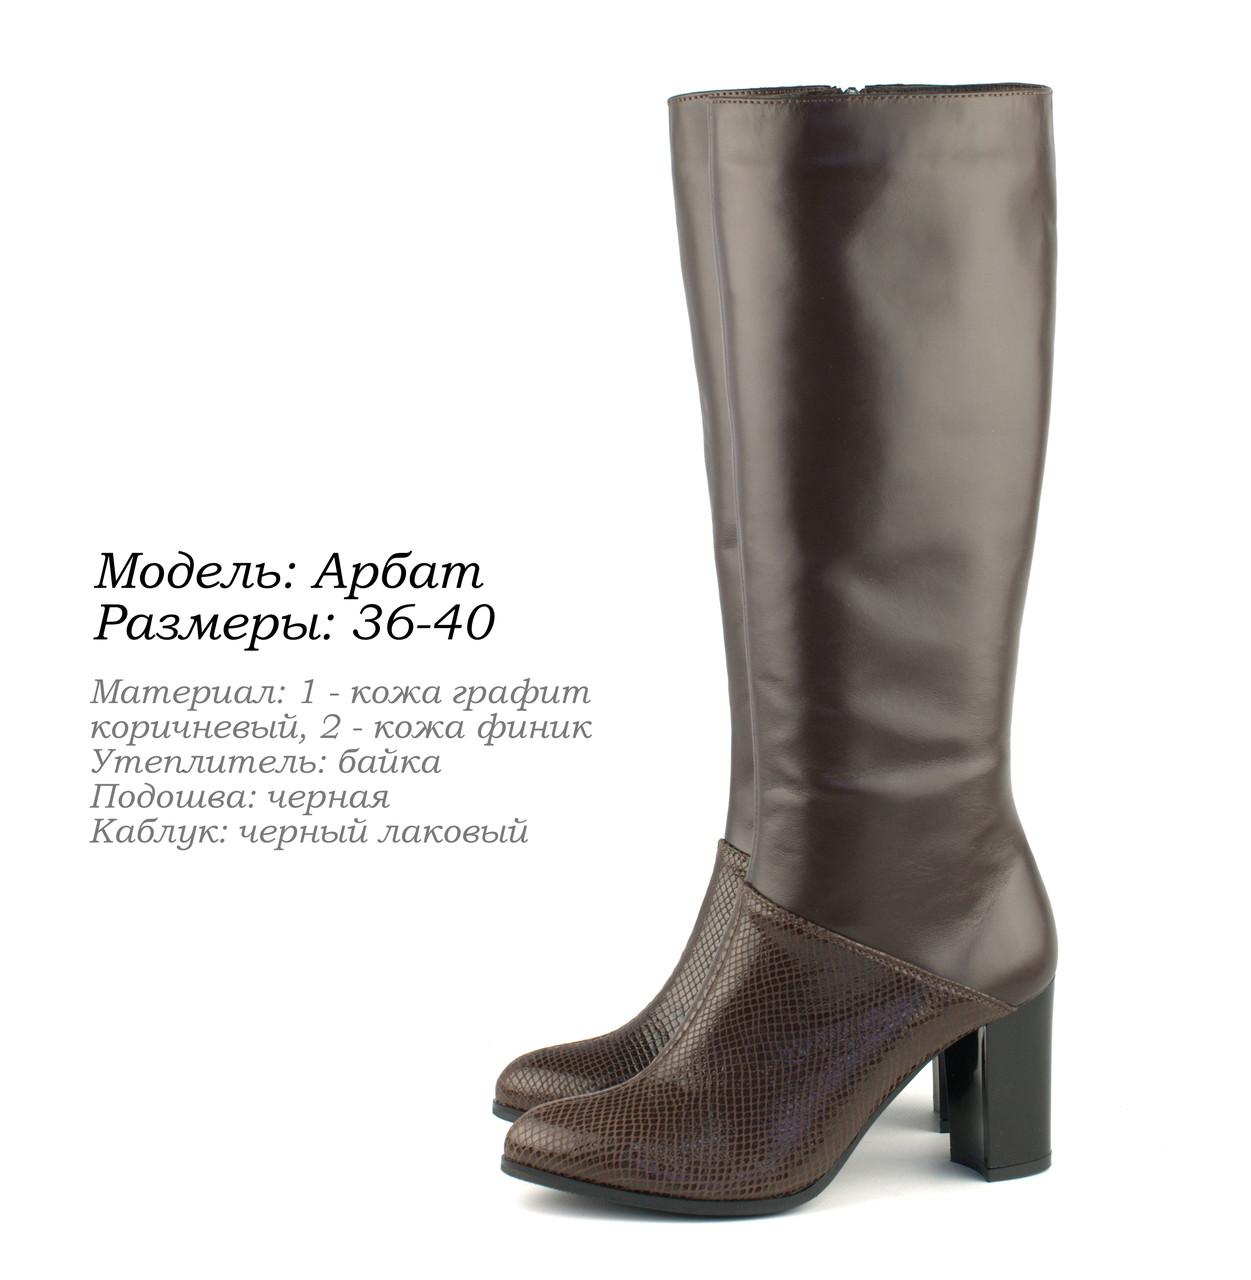 024048d7f Купить Стильная кожаная женская обувь. ОПТ. оптом - БОТИНКИ, САПОГИ ...